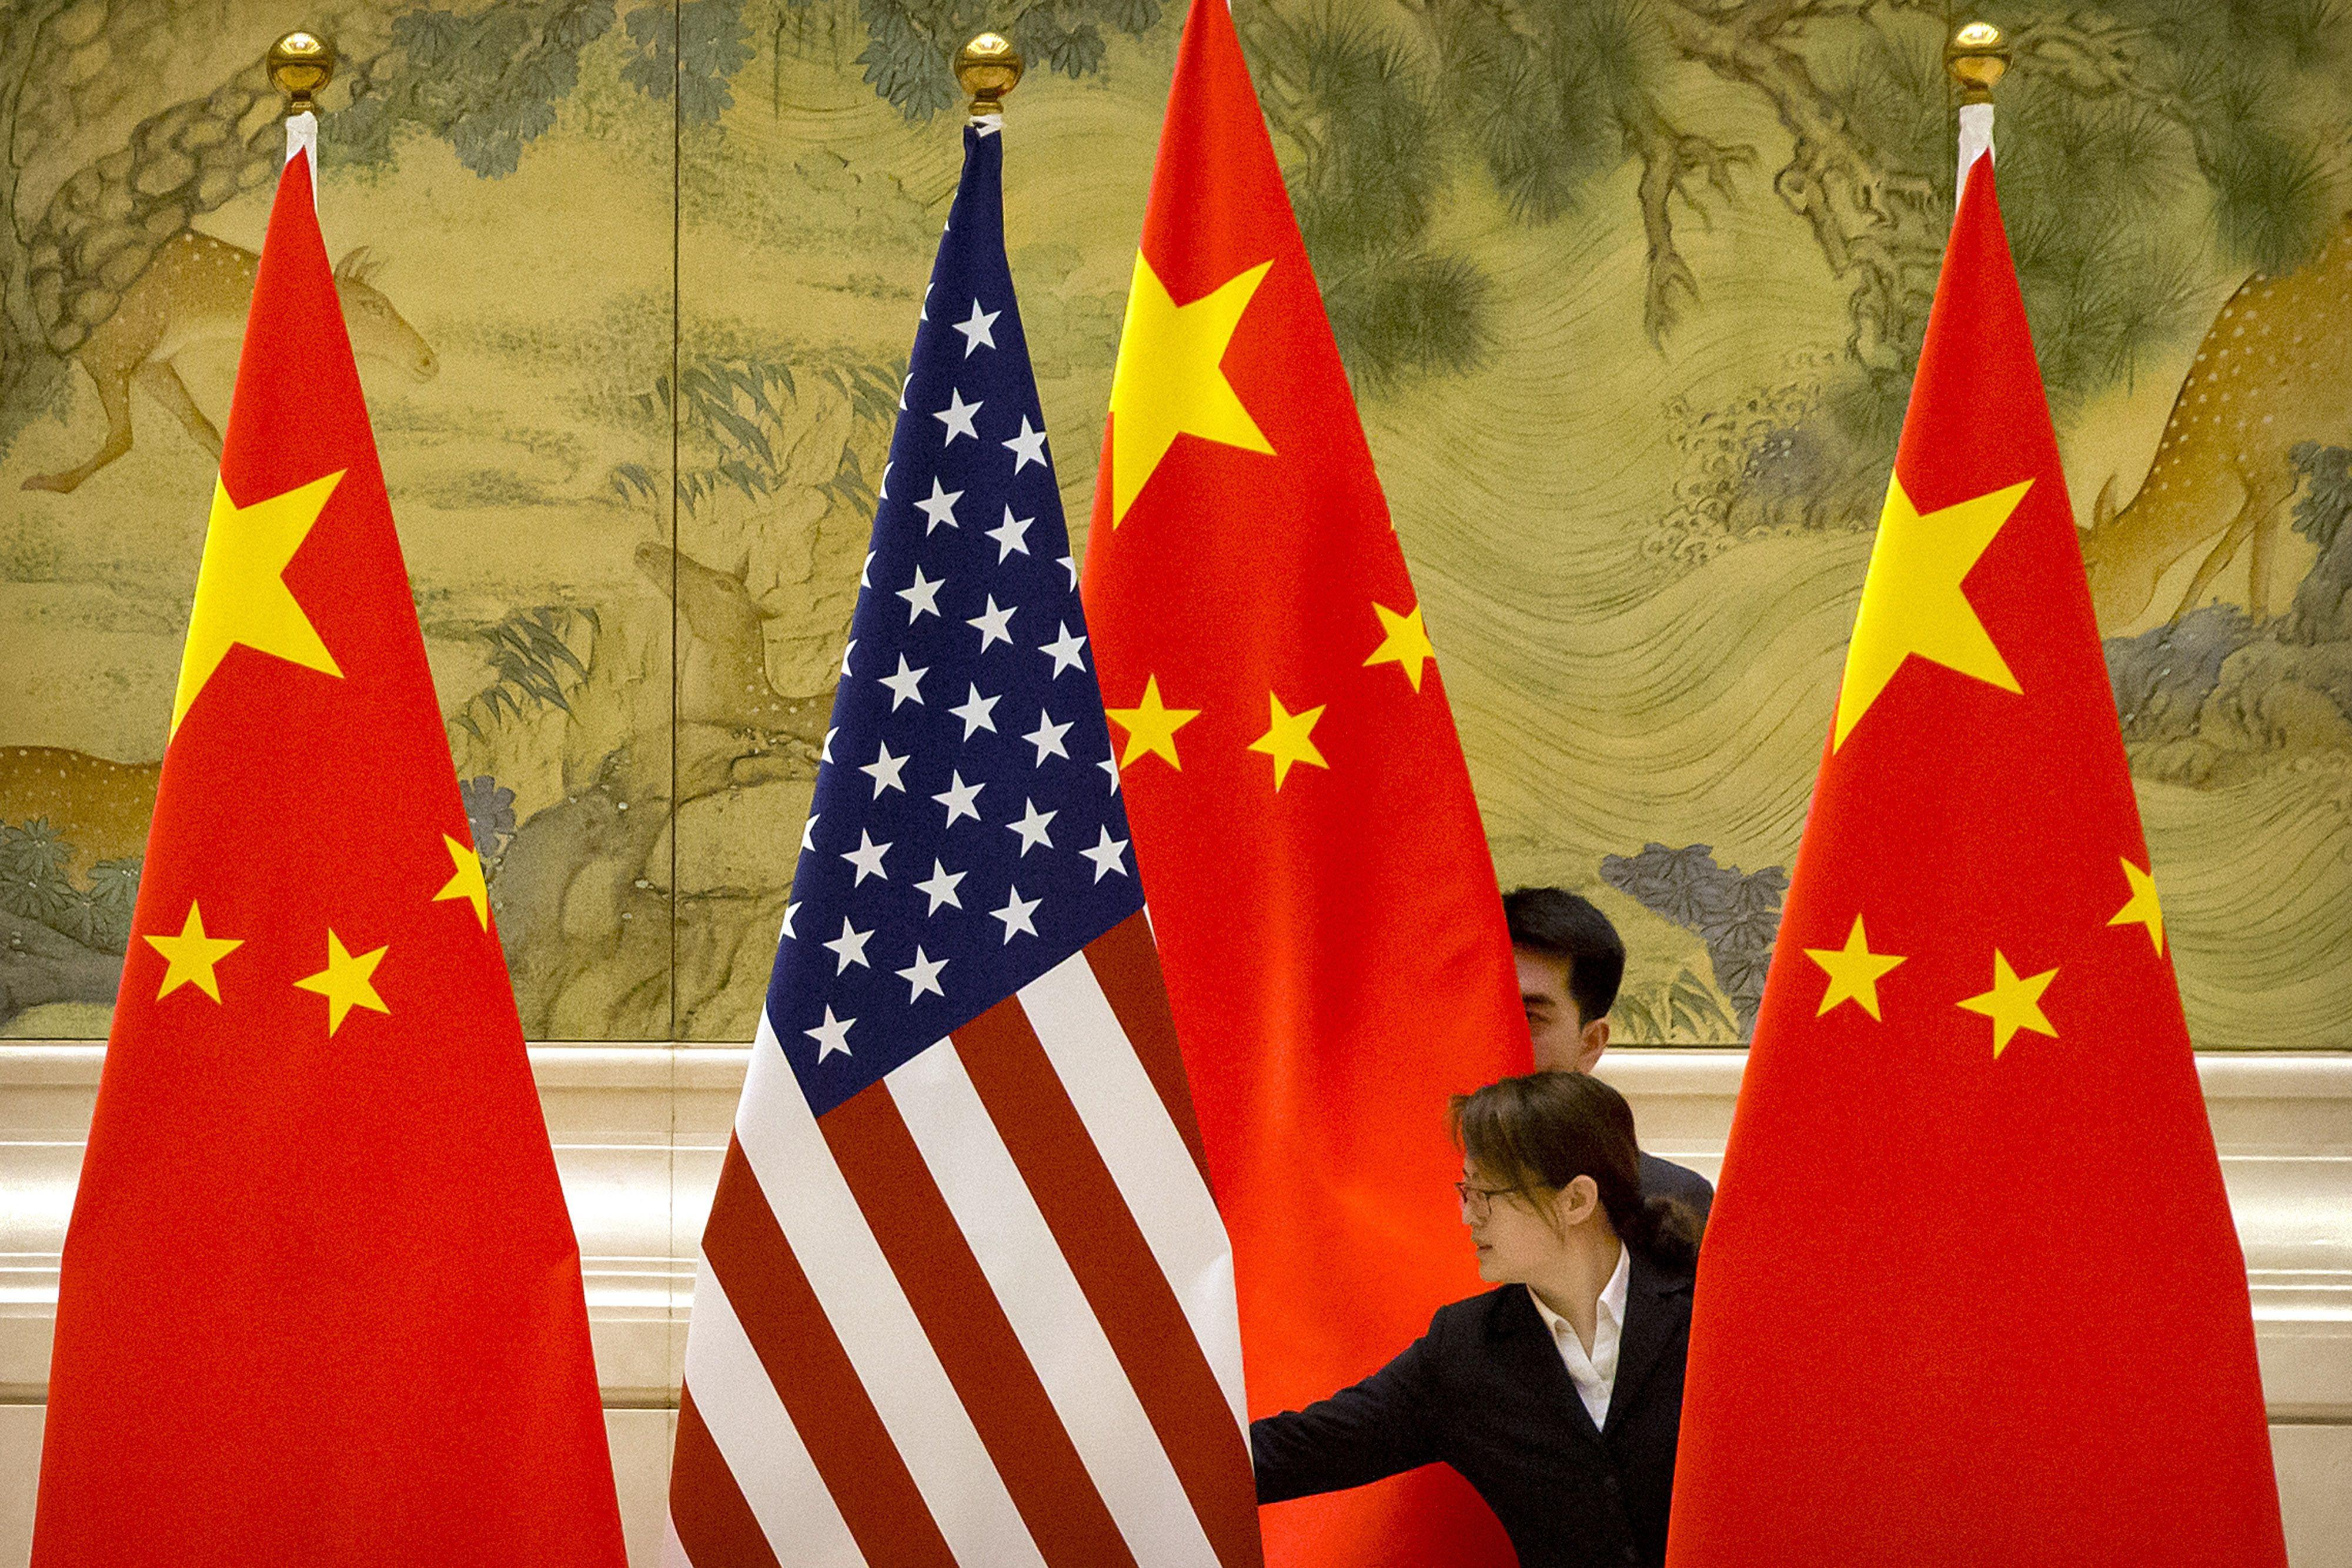 anuncio de cumbre parece indicar distension entre eeuu-china